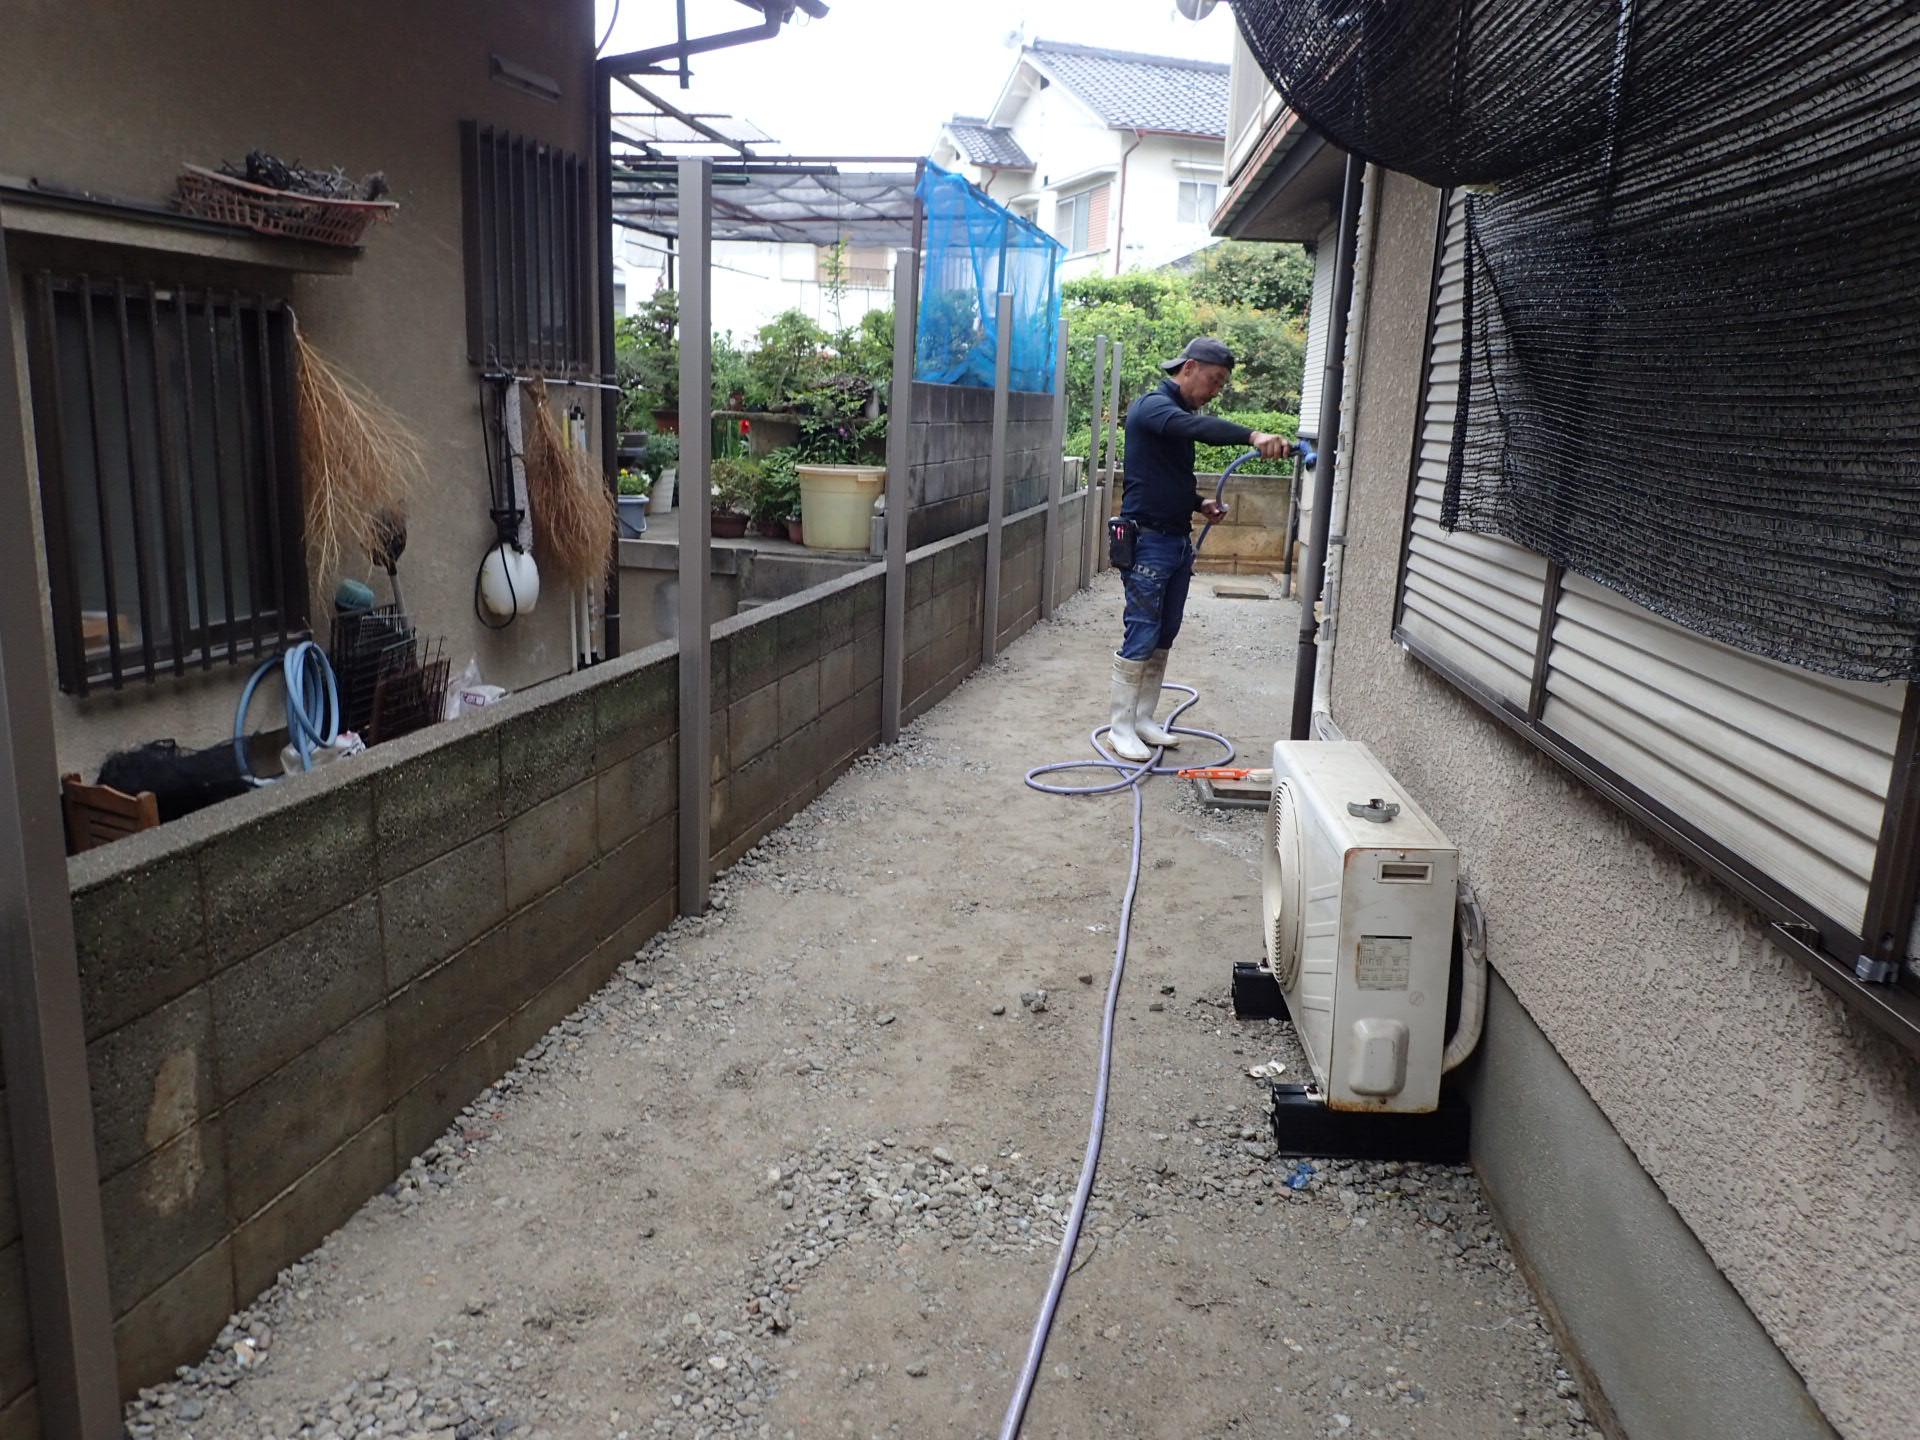 堺市南区 マサファルトの正しい施工方法